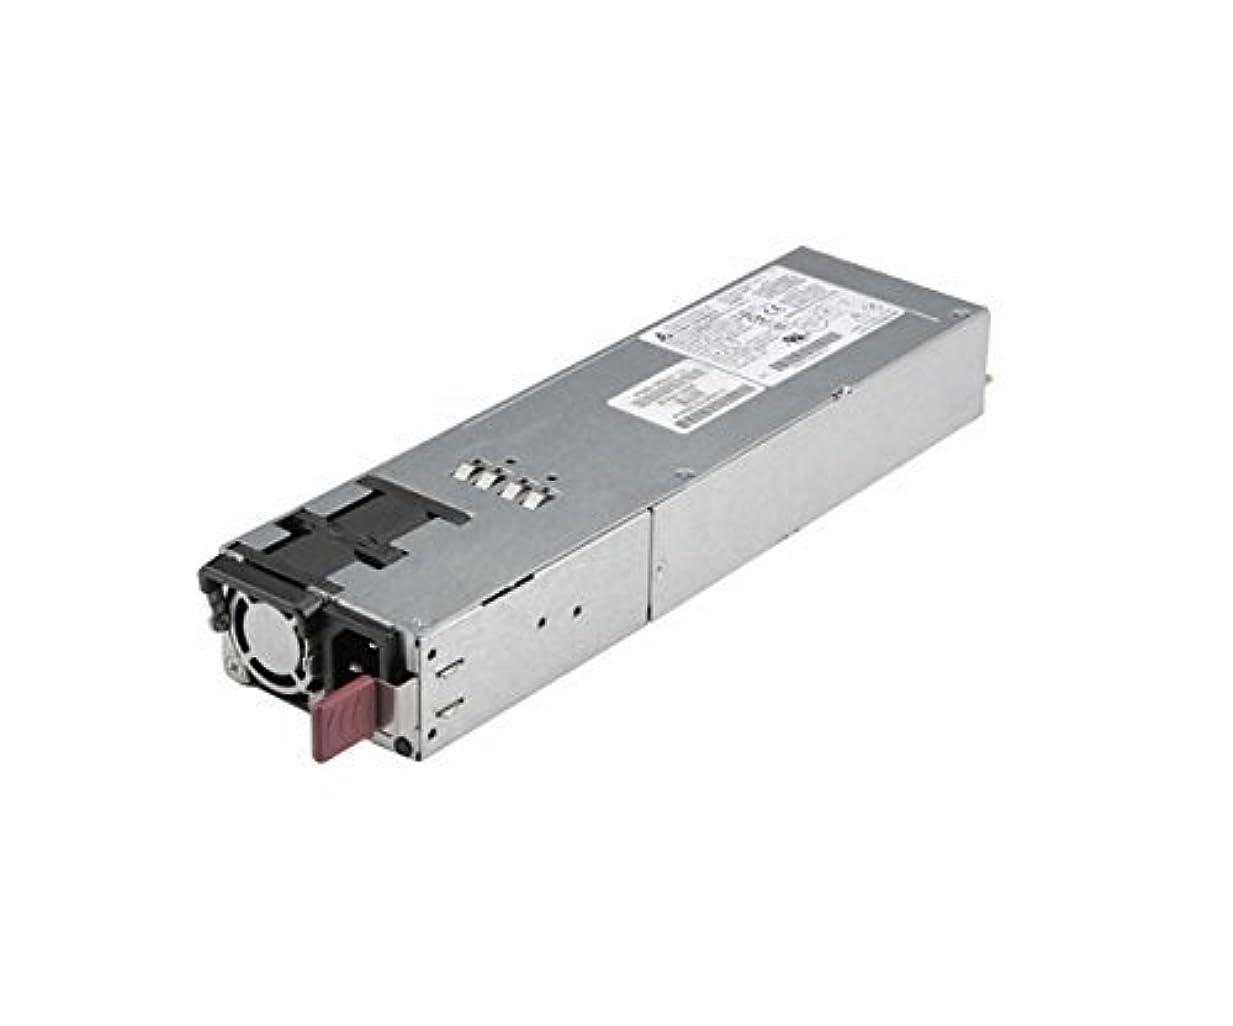 ロンドンこしょう読みやすいSupermicro PWS-1K66P-1R 1U 1600W Redundant Platinum Power Supply 73.5mm width,RoHS/REACH,PBF [並行輸入品]